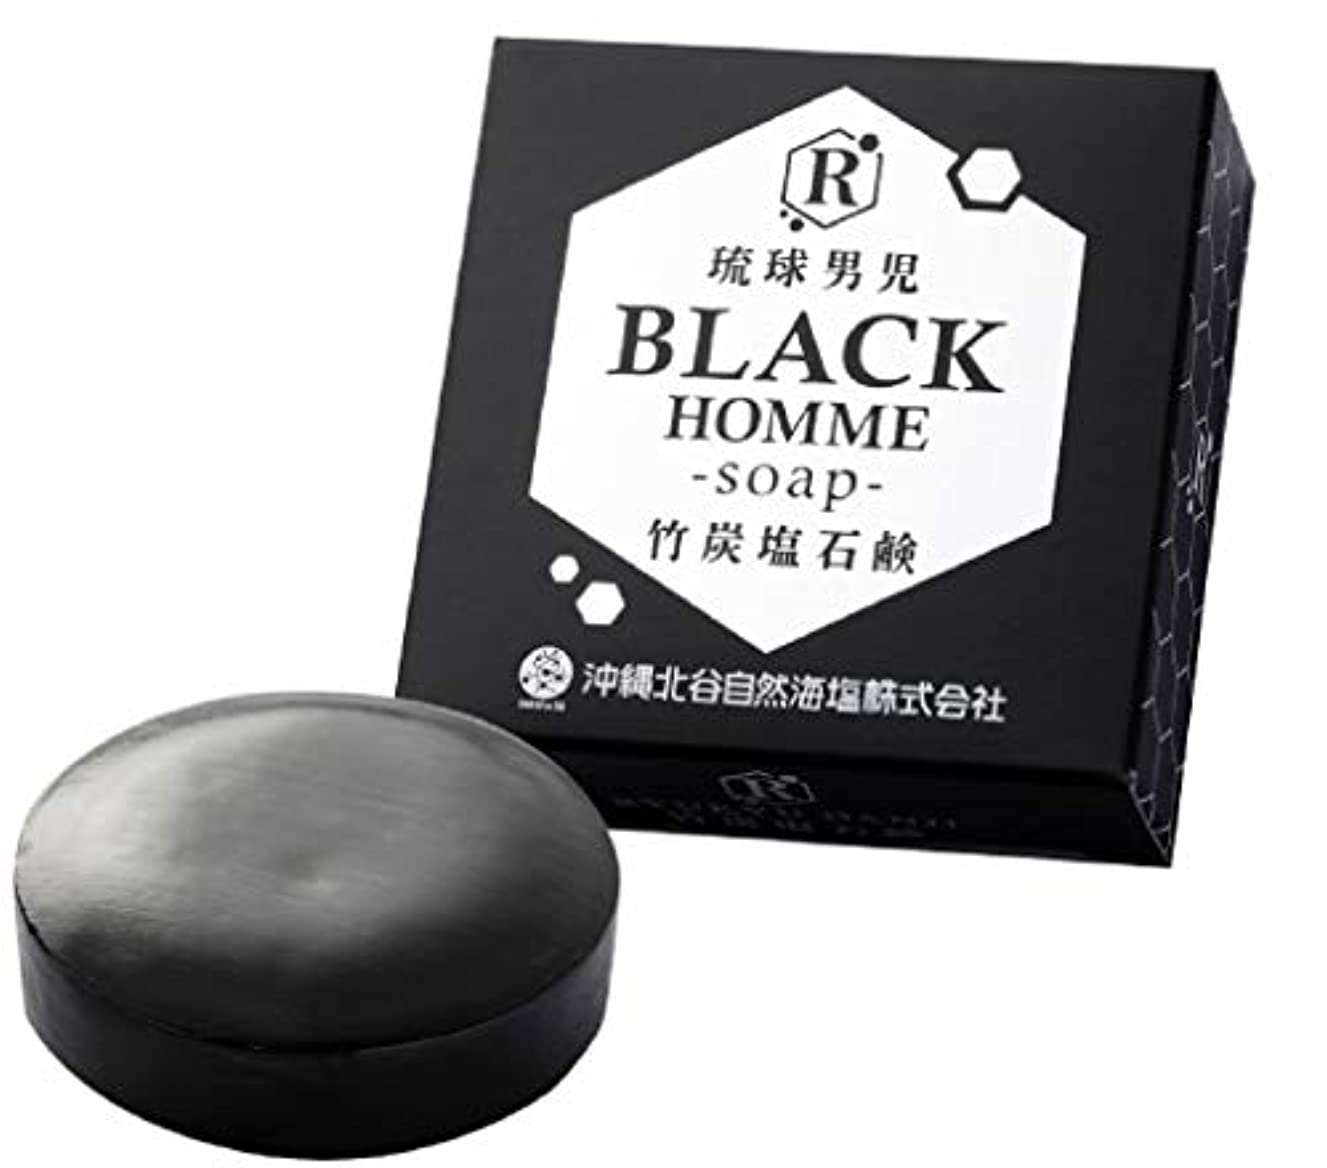 敏感な西部拡散する【4個セット】琉球男児 竹炭塩石鹸 BLACK HOMME-soap- 60g 泡立てネット付き